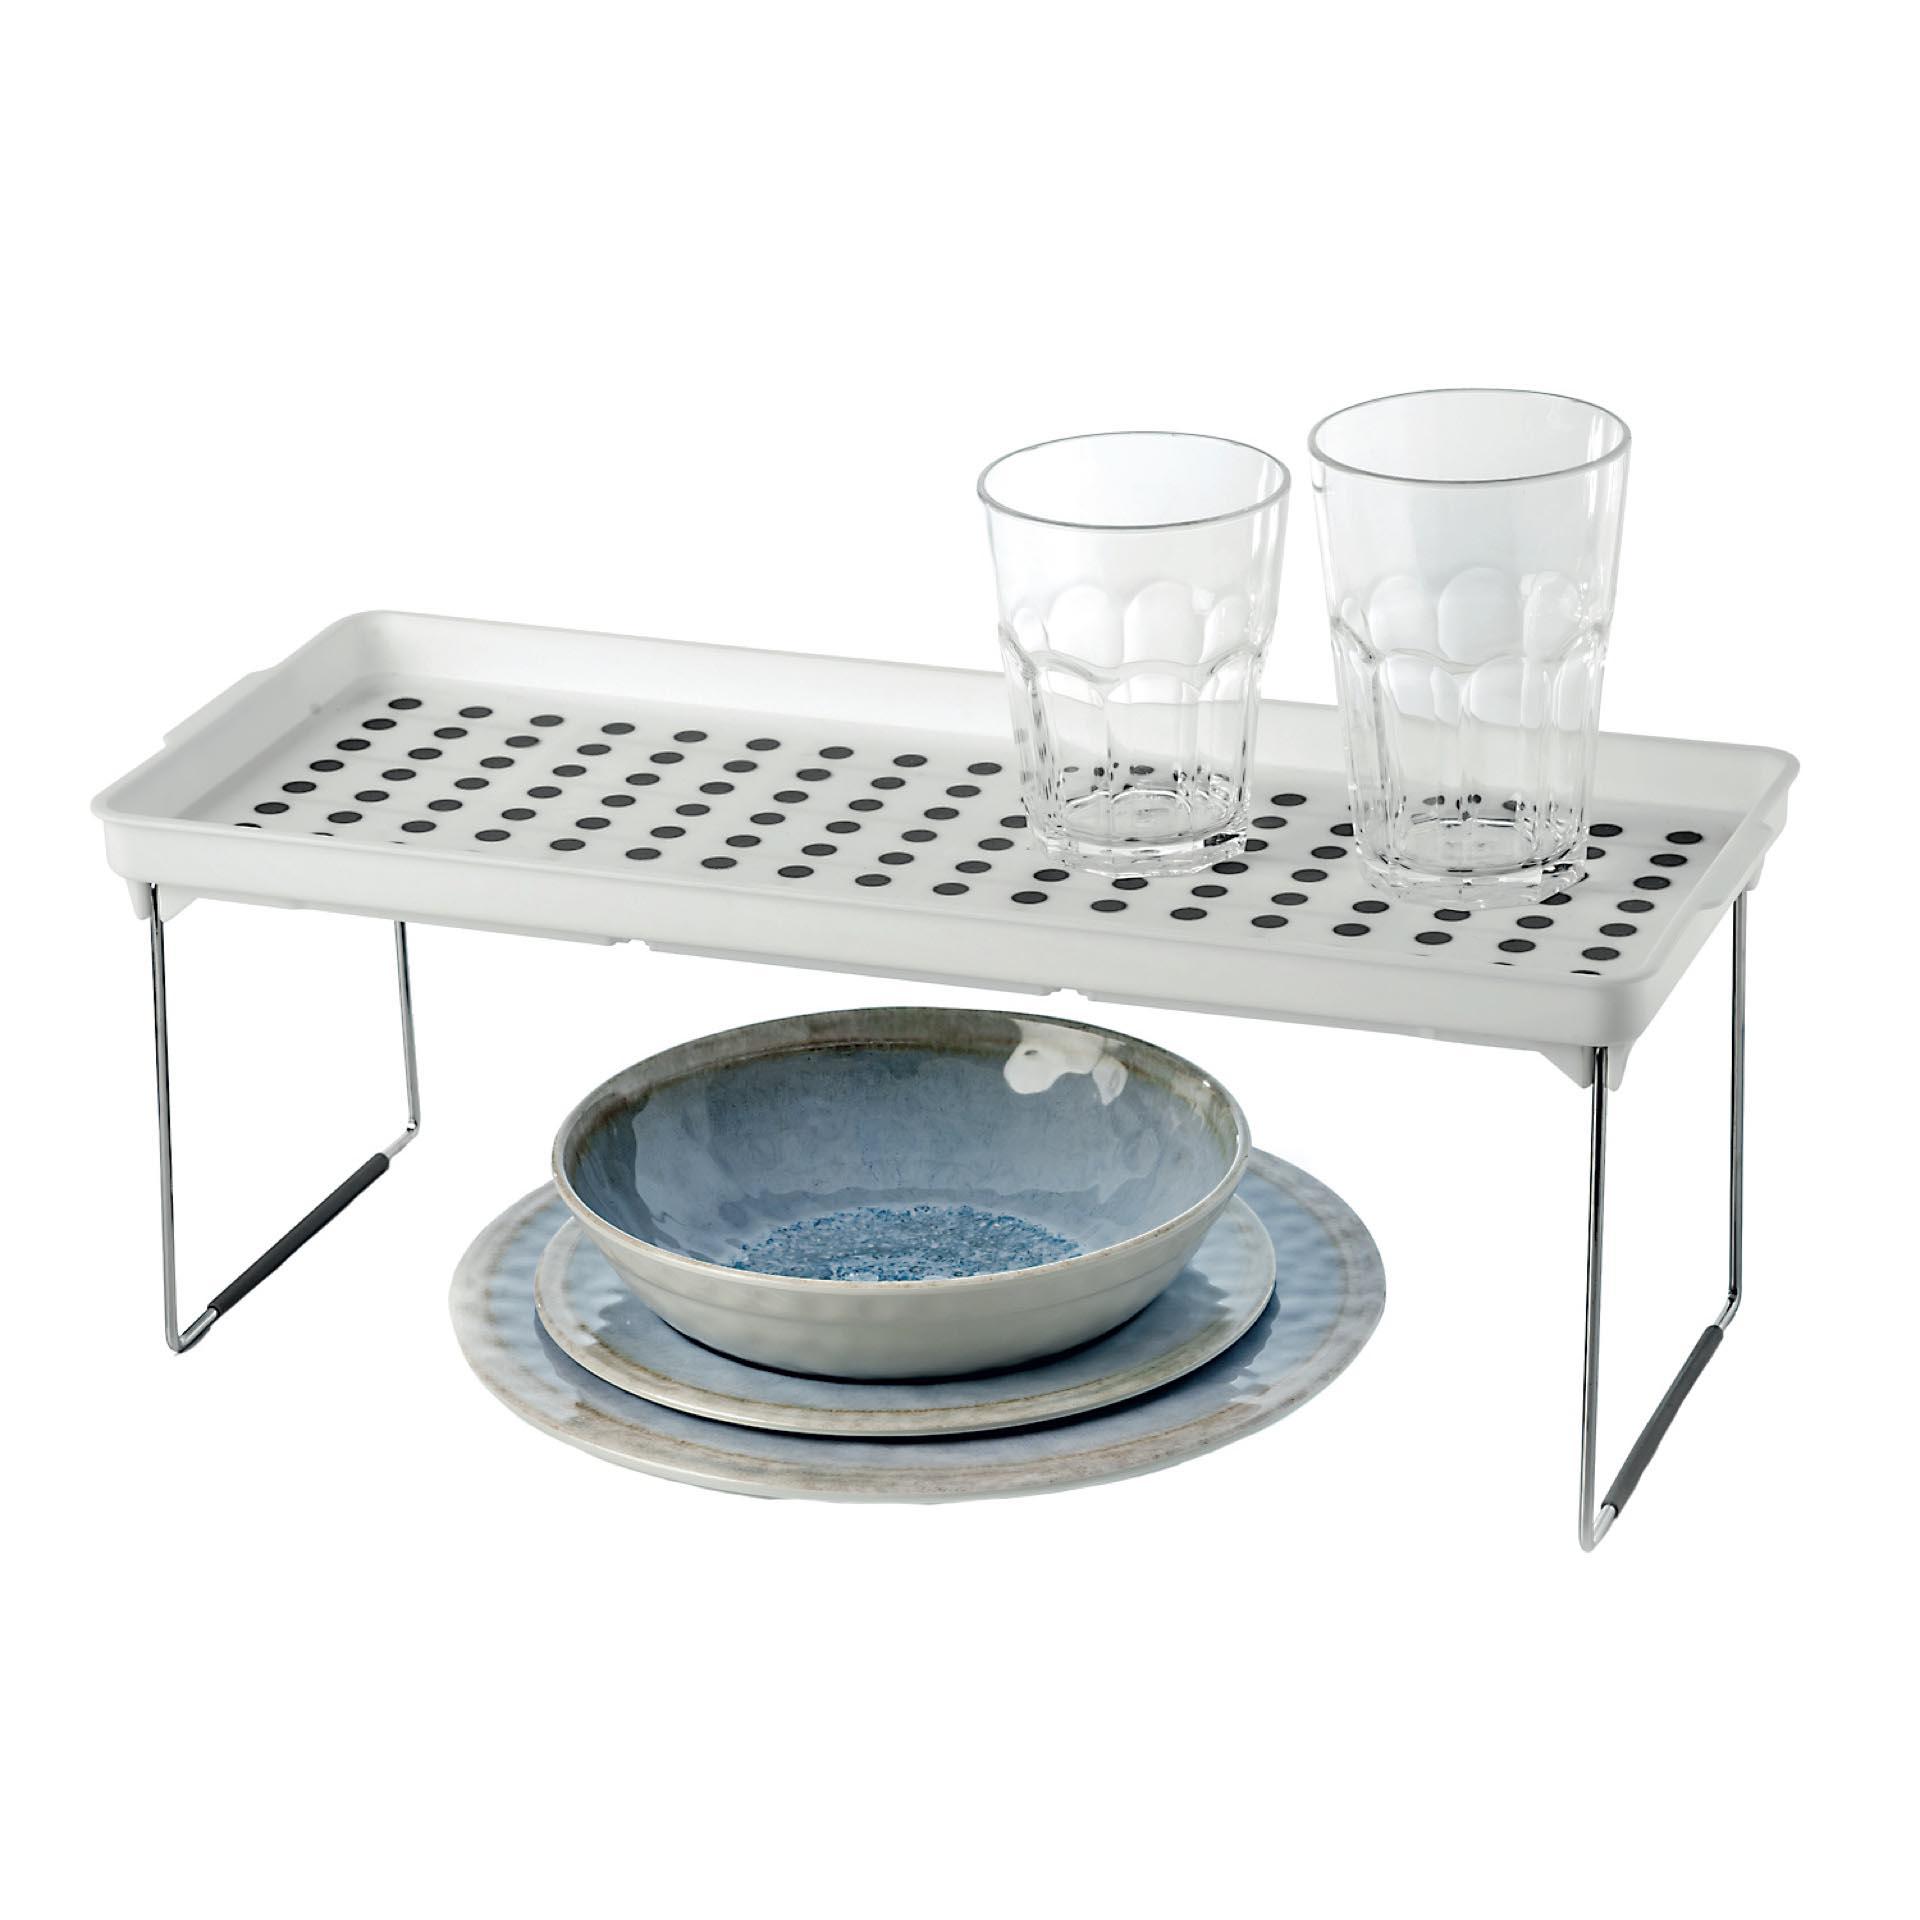 20. Estante de alacena grande ($ 109, no incluye platos y vasos).